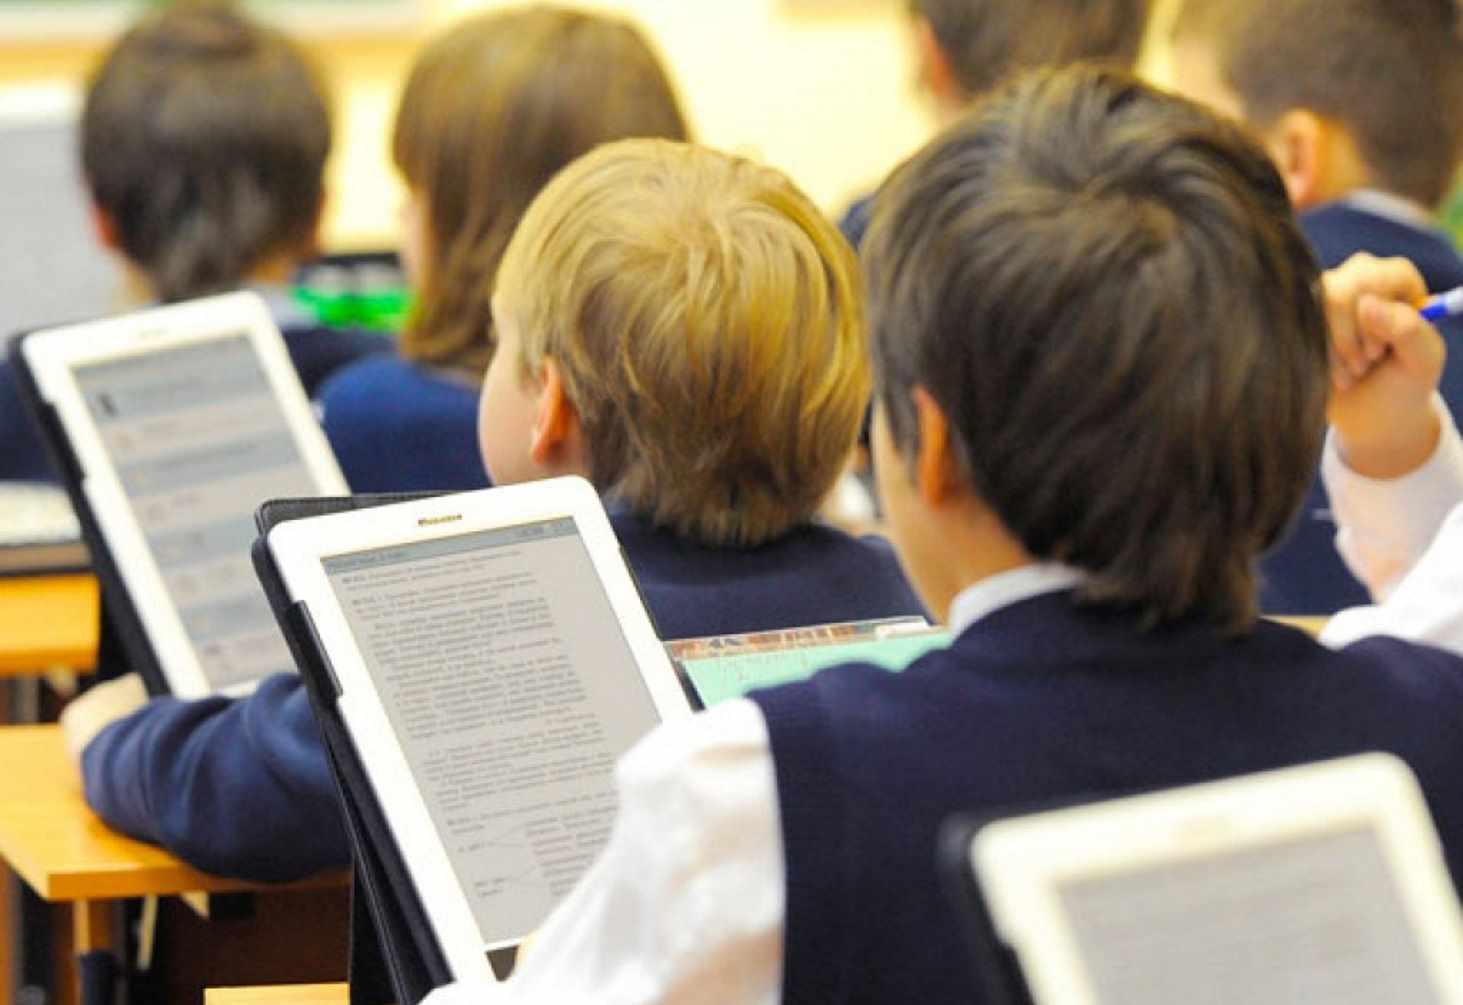 bibliotekarej-hotyat-obyazat-proveryat-pasporta-pri-vydache-knig-shkolnikam